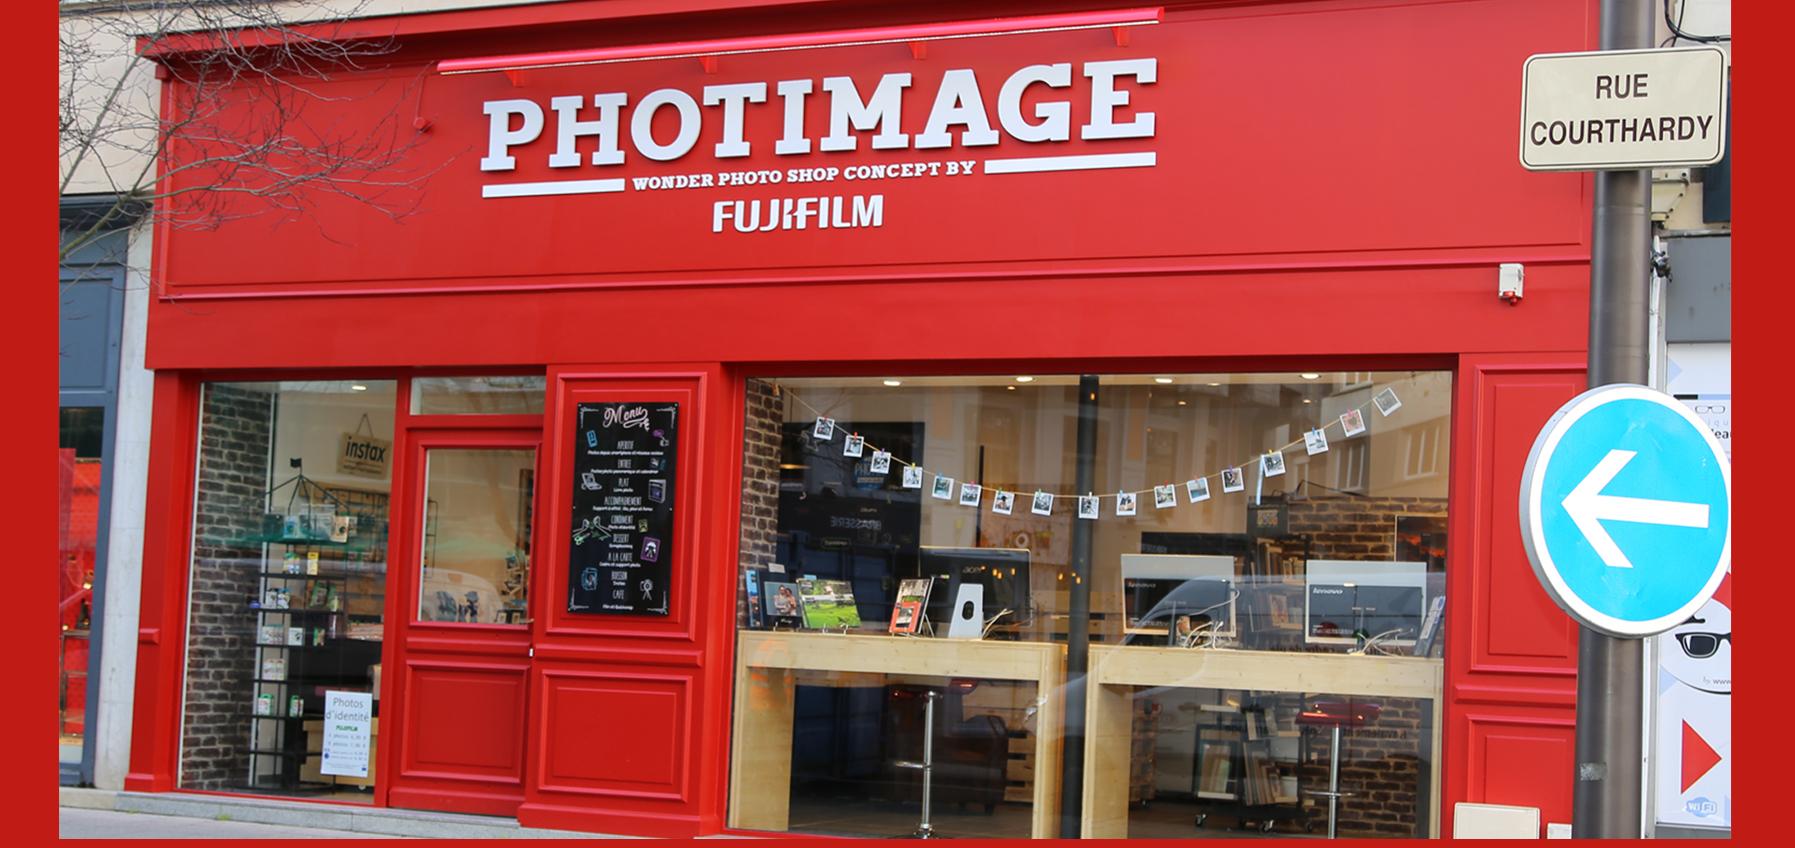 Photimage By Fujifilm photographe d'art et de portrait